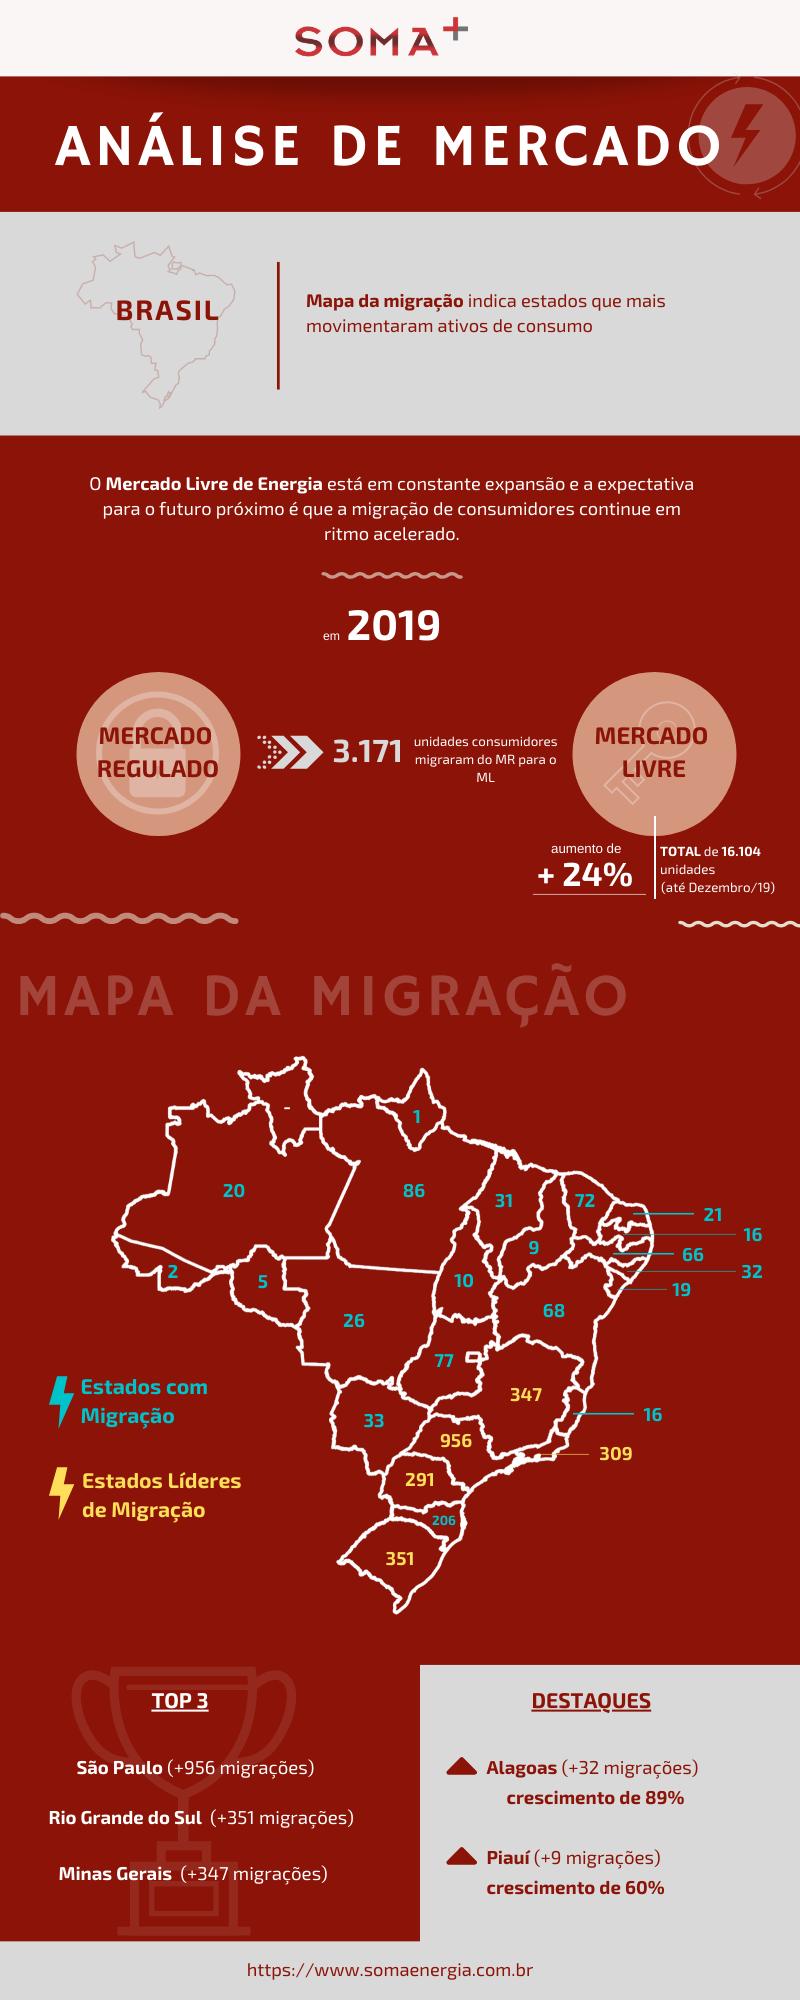 Infográfico: Análise de Mercado (Migração)